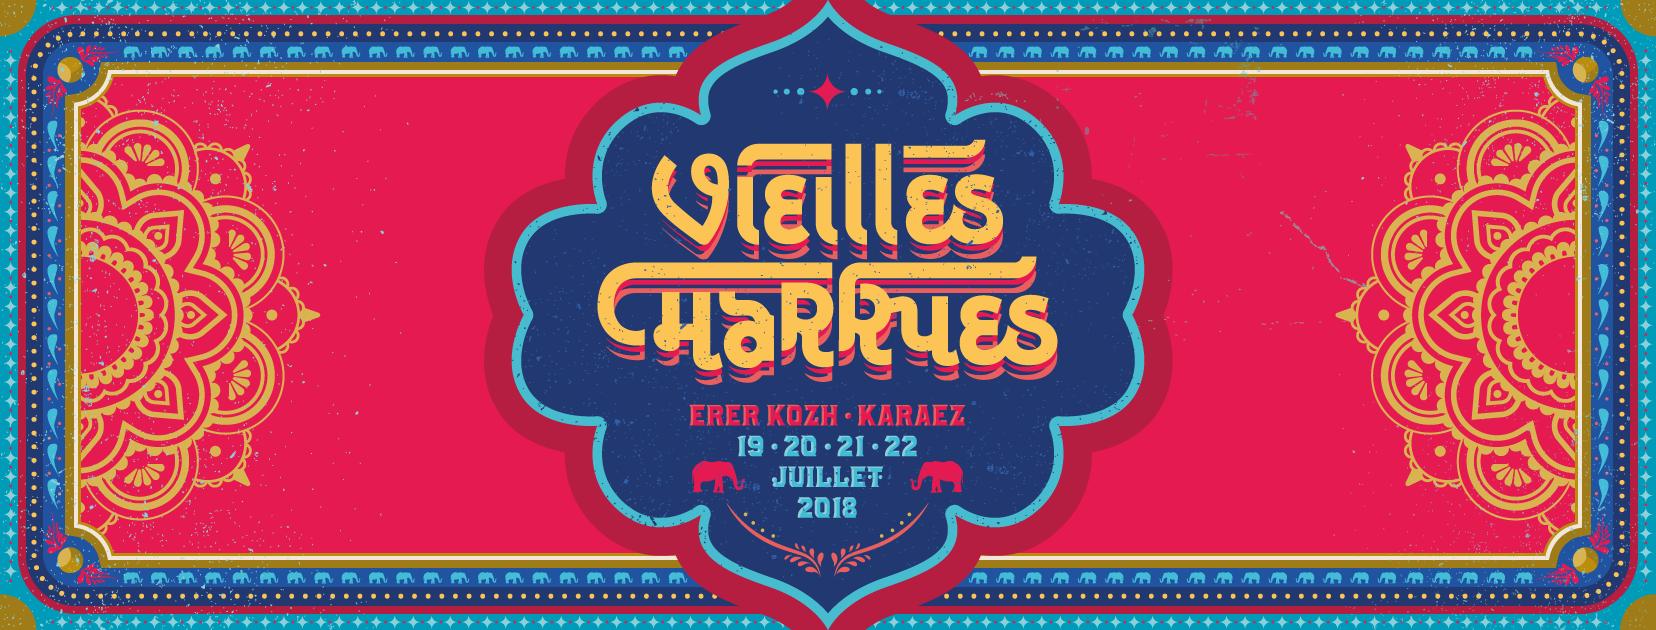 Vieilles Charrues 2018 : Gorillaz, Massive Attack, IAM, Orelsan, Jain, Véronique Sanson...